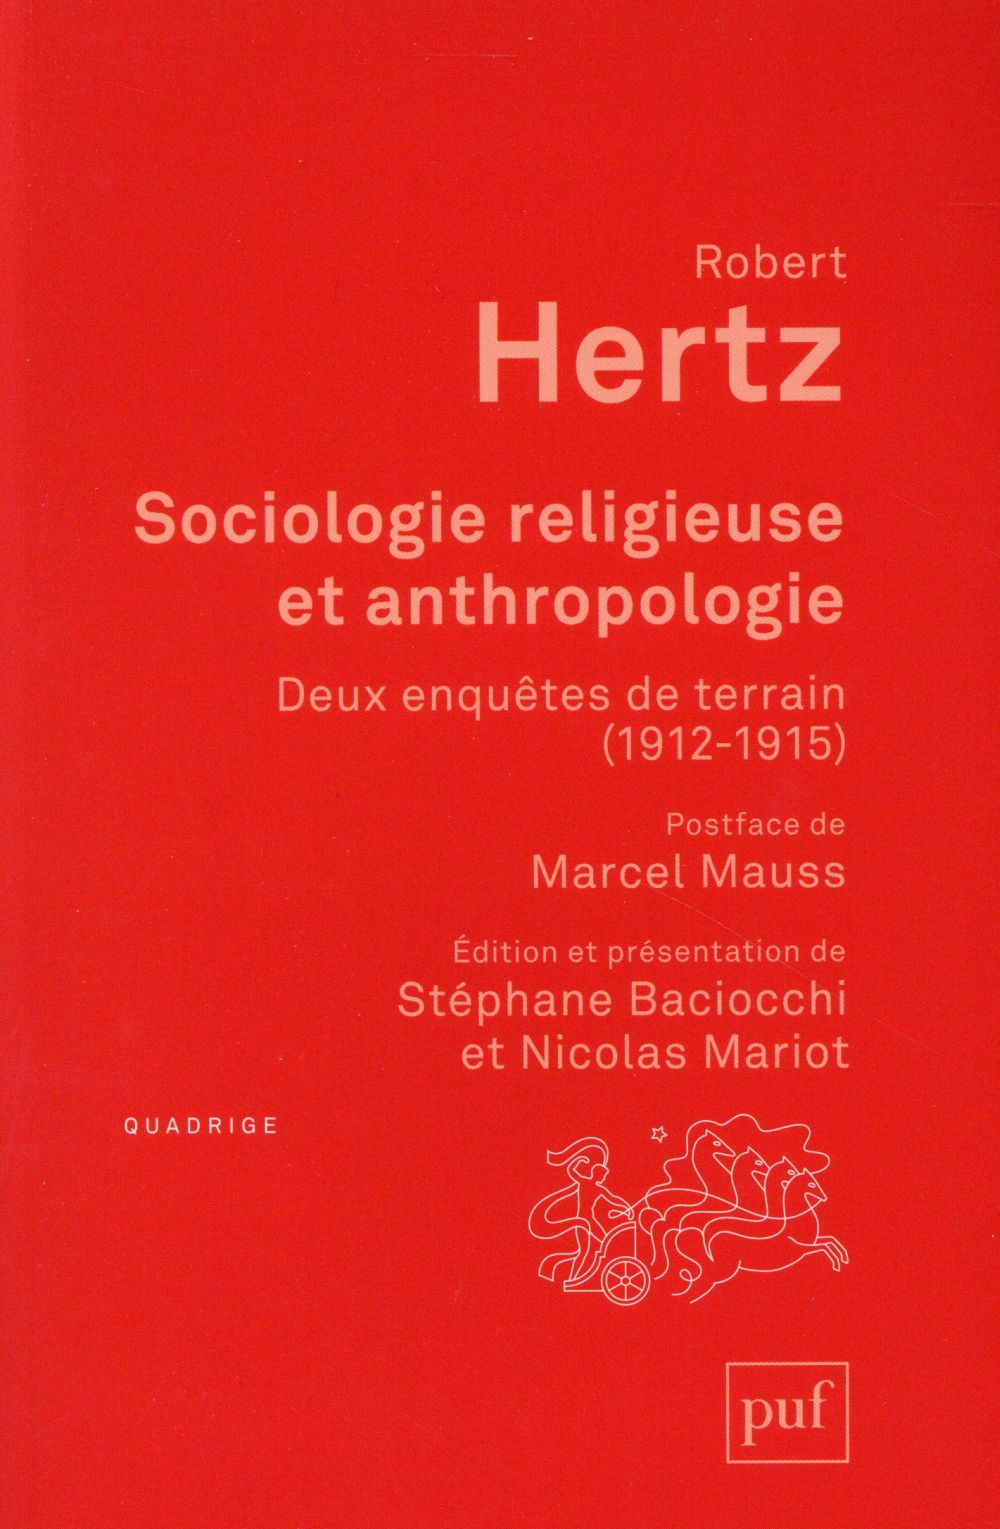 SOCIOLOGIE RELIGIEUSE ET ANTHROPOLOGIE - DEUX ENQUETES DE TERRAIN 1912-1915